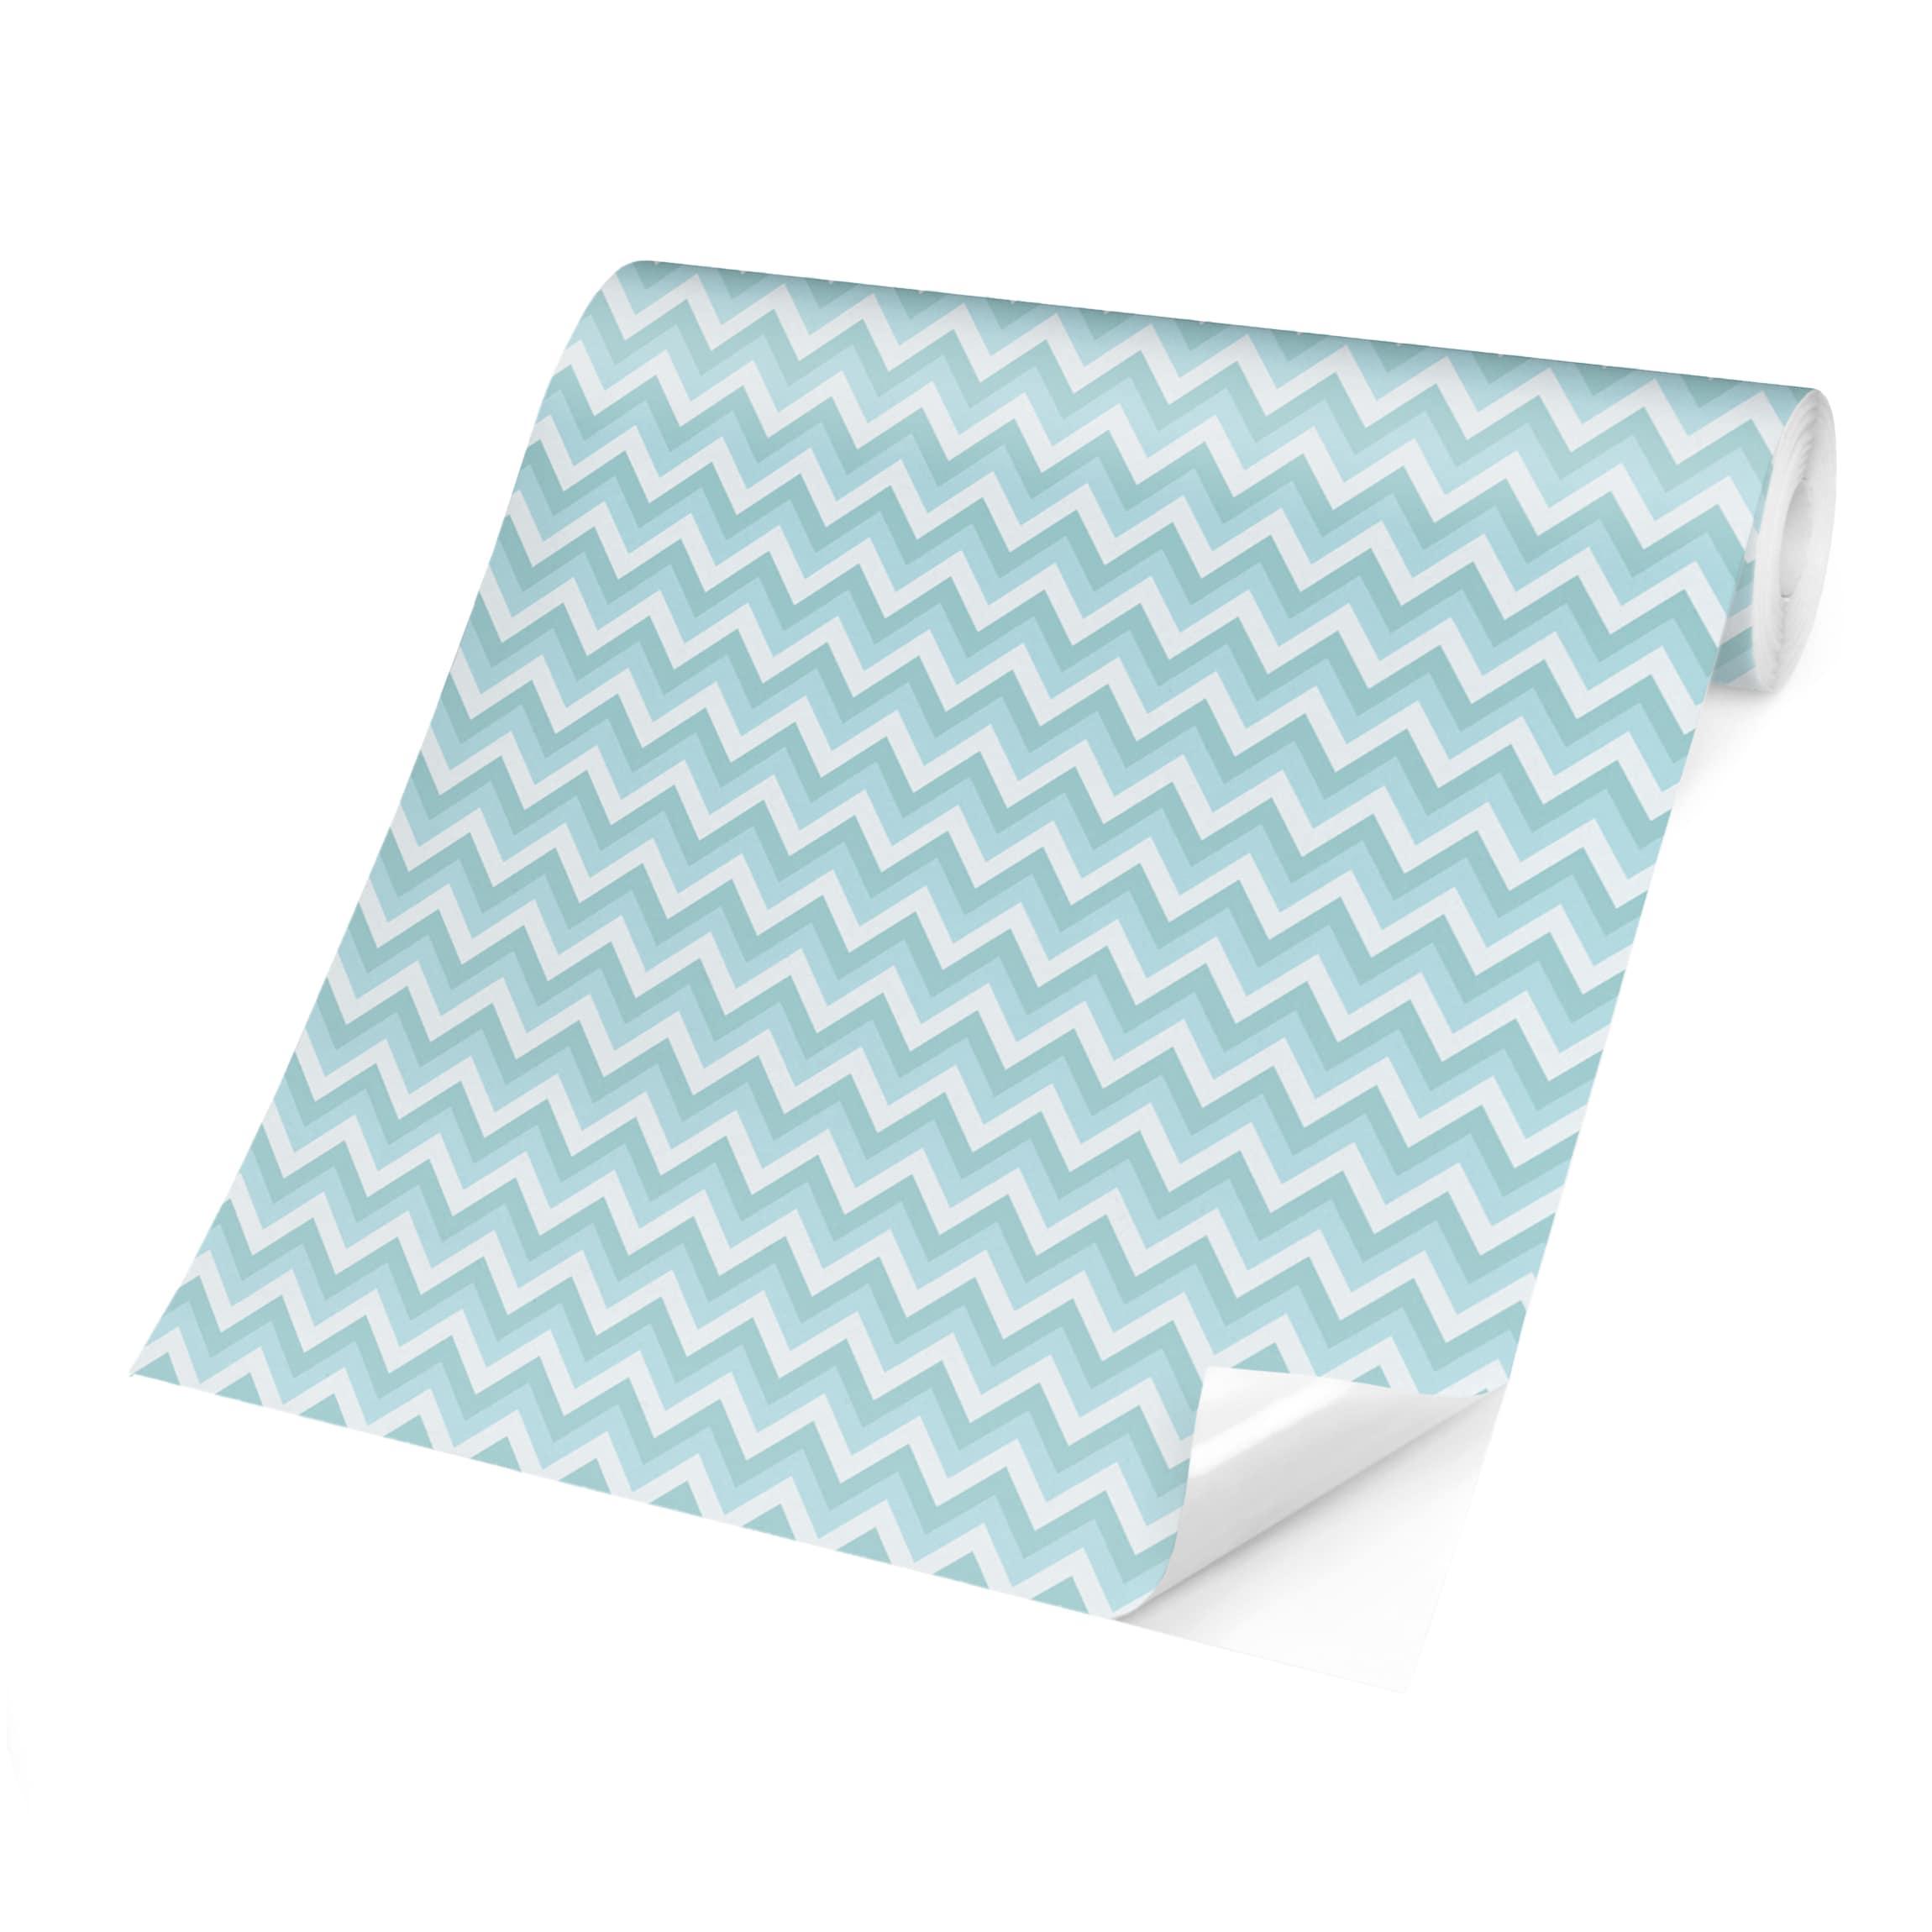 Tapete Blau Muster : tapete selbstklebend no yk39 zickzack muster blau ~ Watch28wear.com Haus und Dekorationen